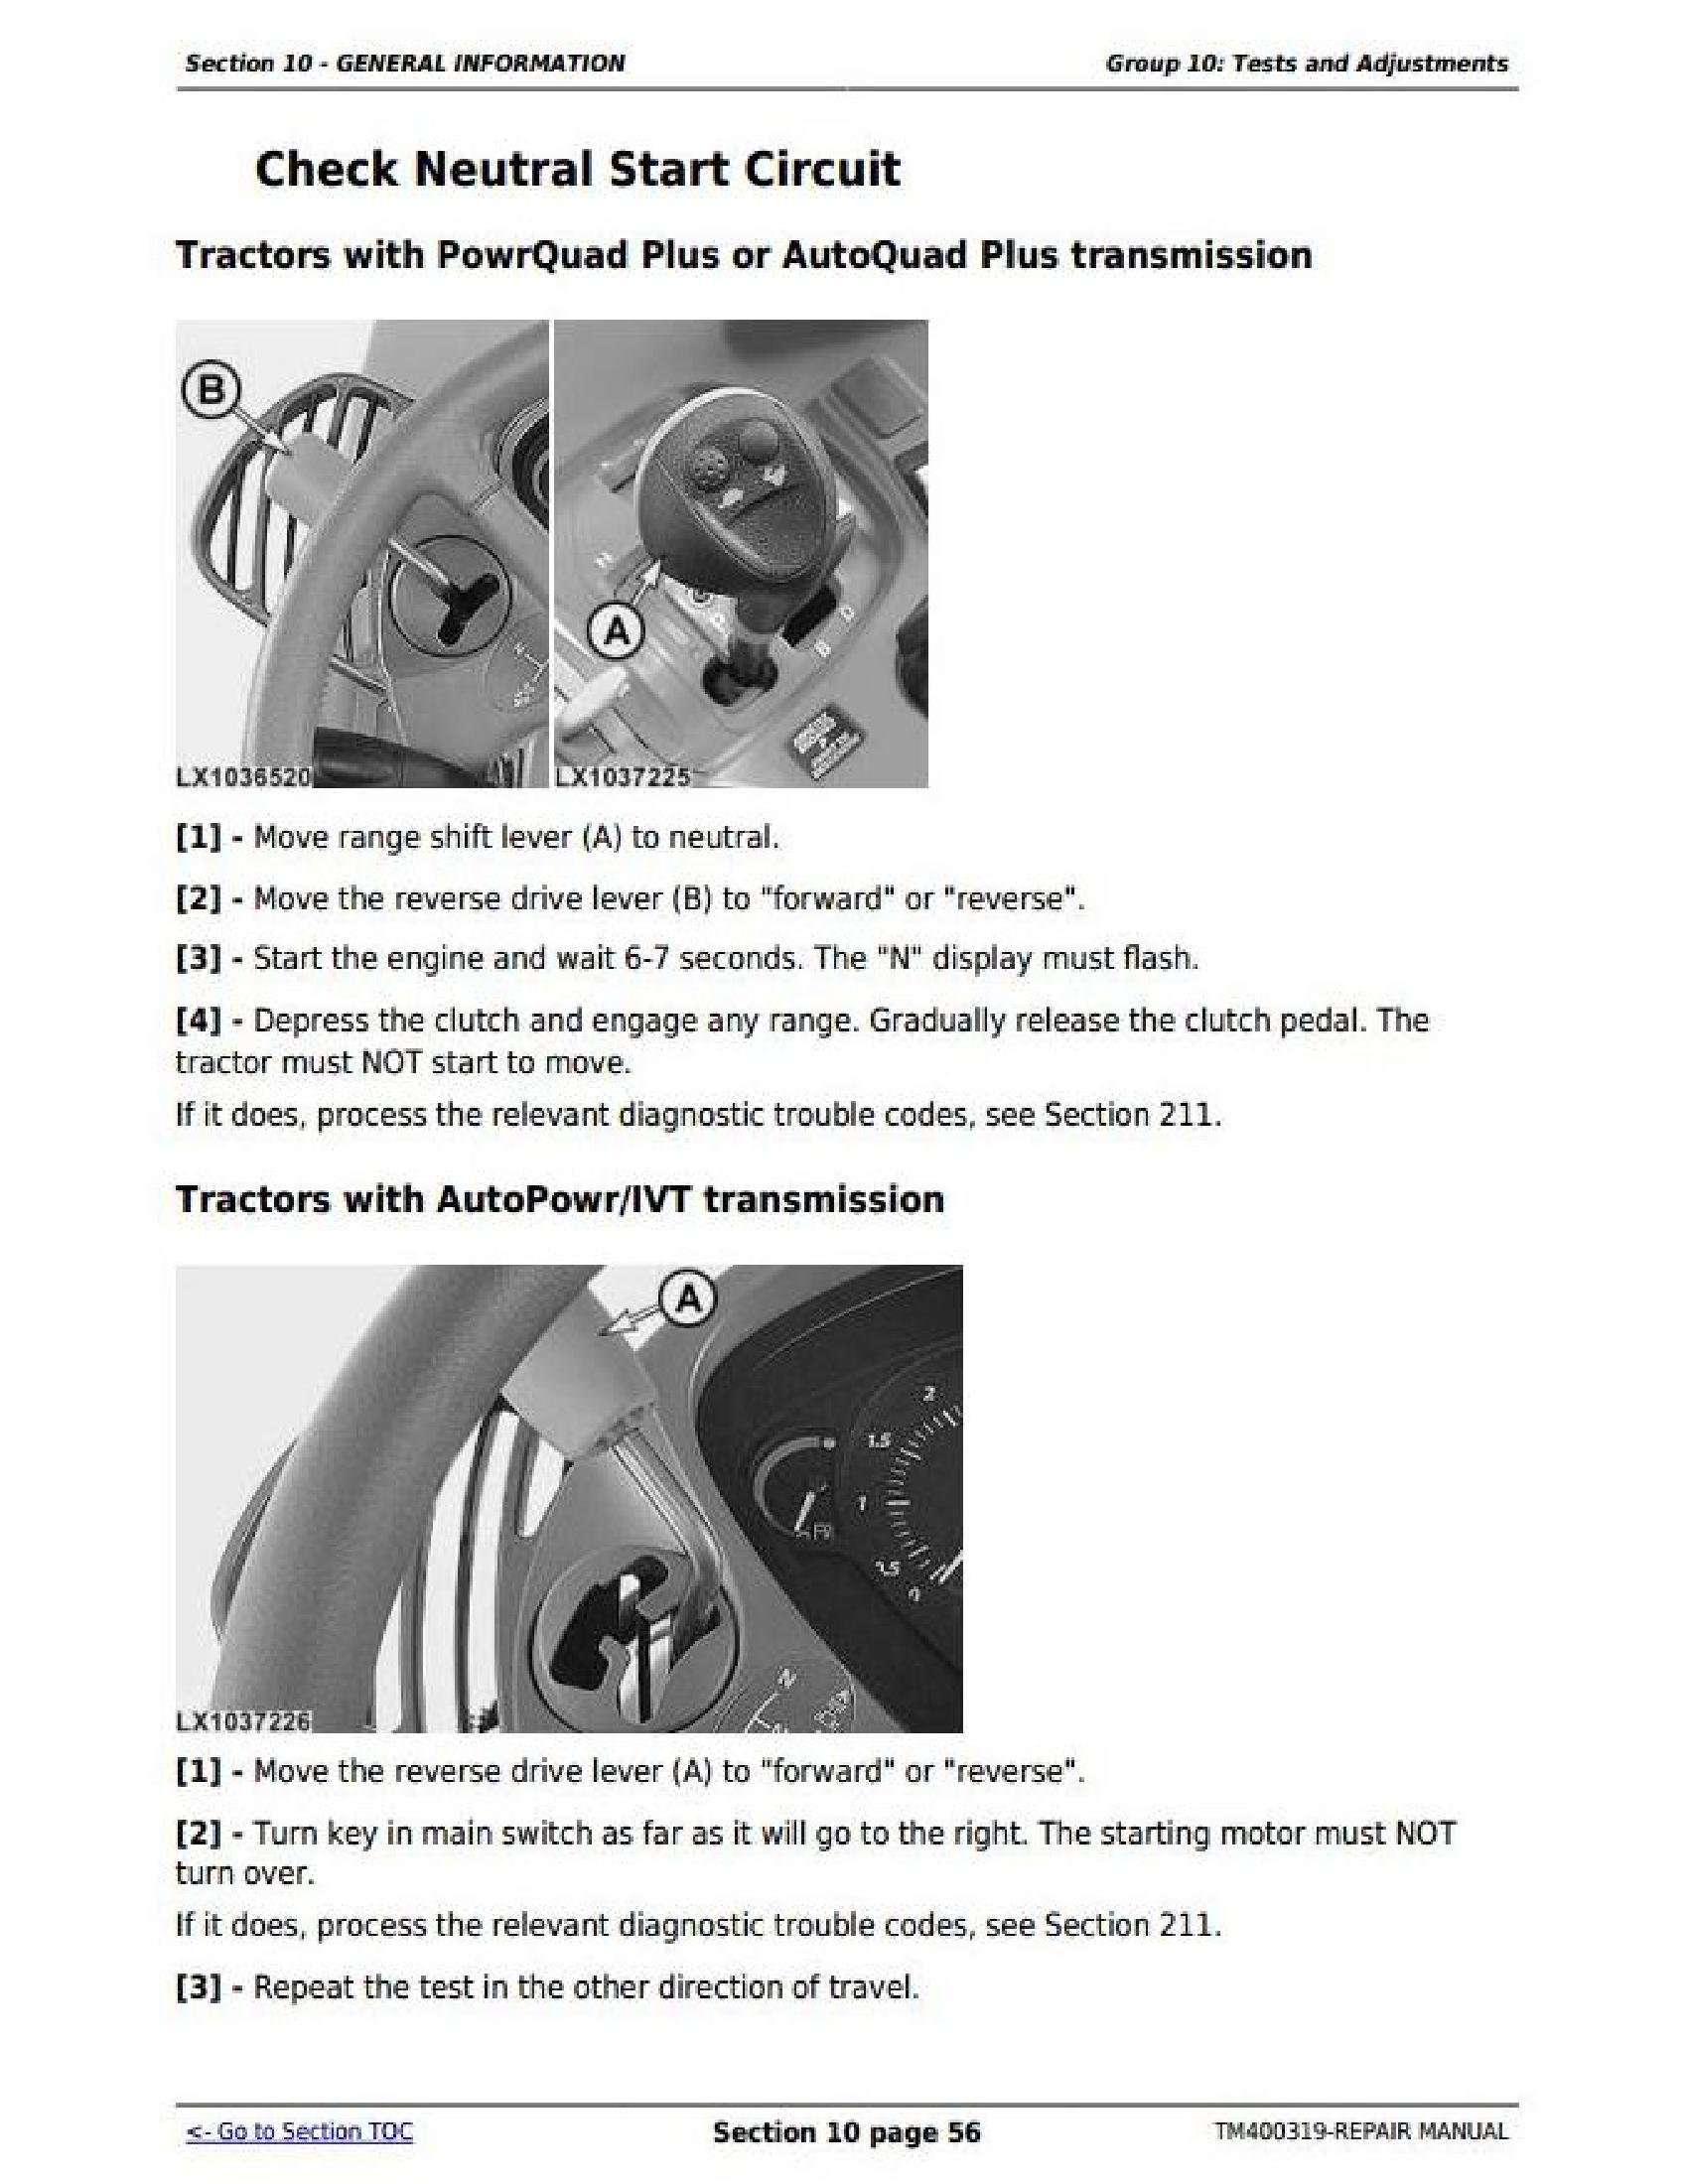 John Deere 7530 manual pdf